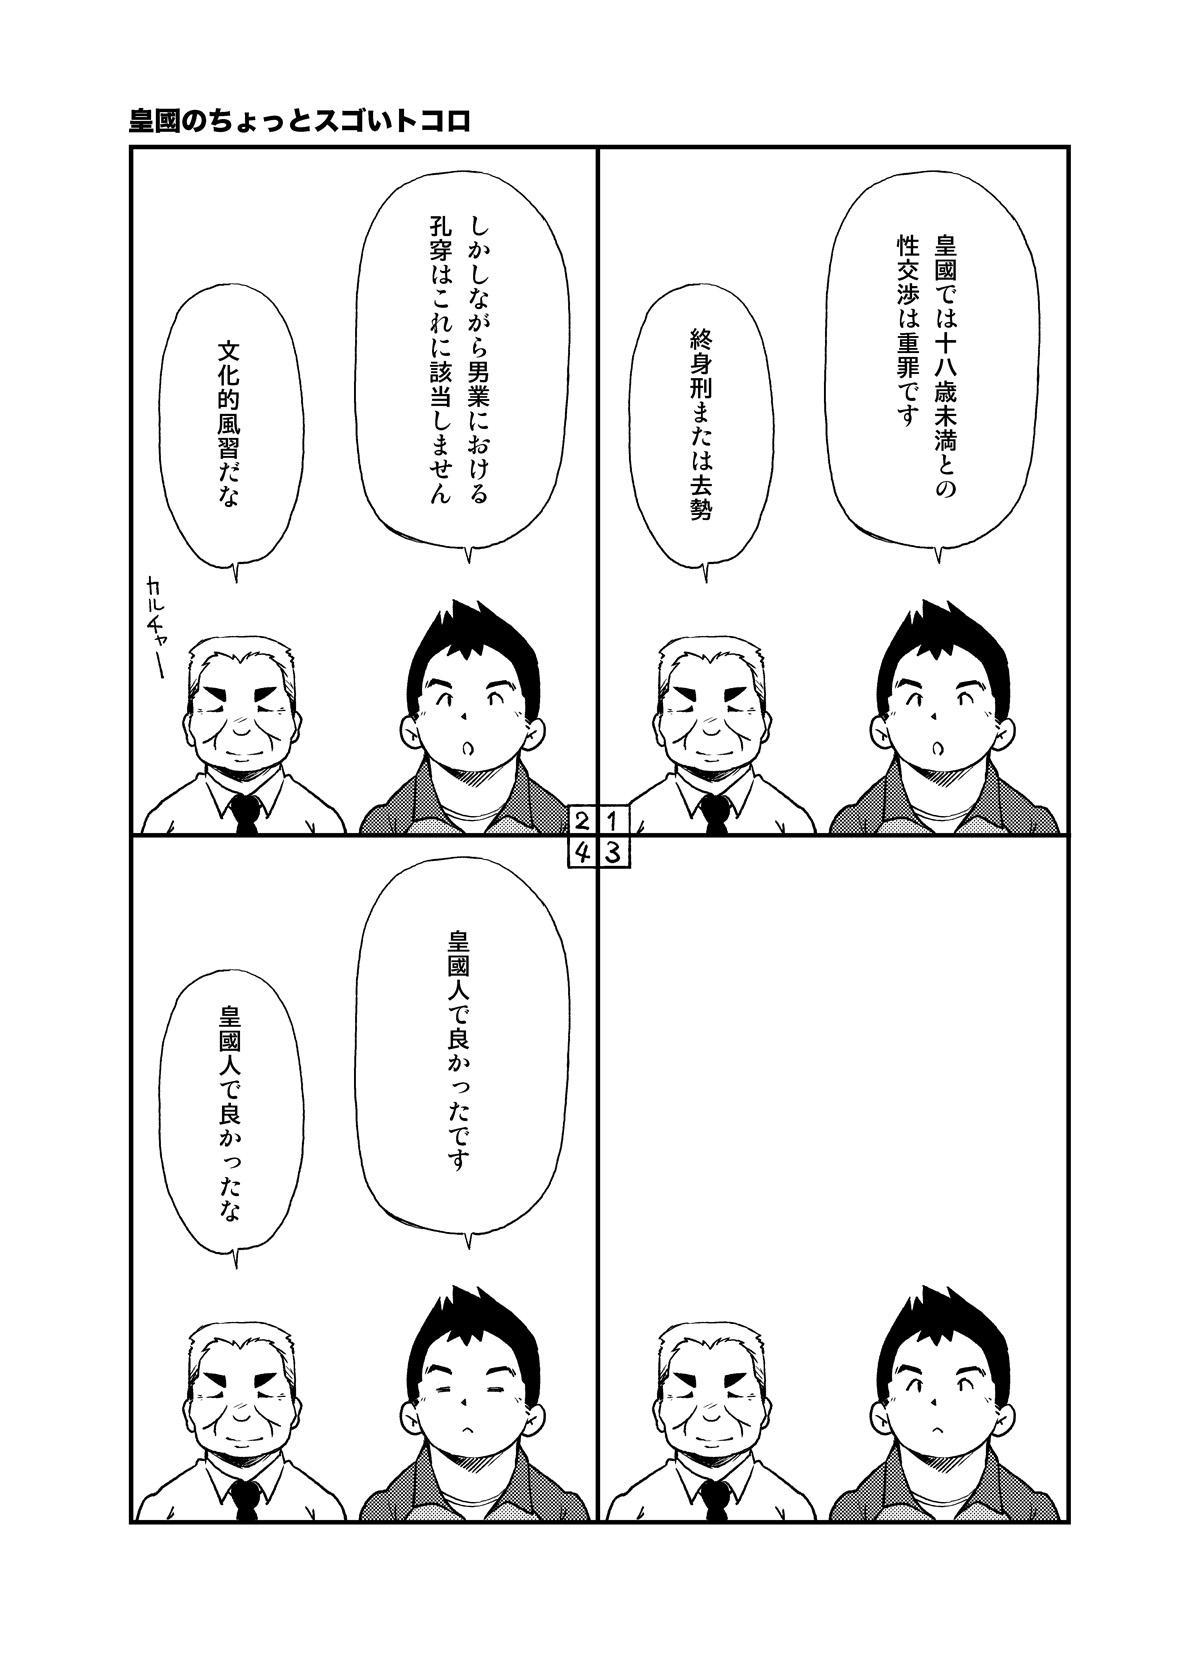 Tadashii Danshi no Kyouren Hou 27